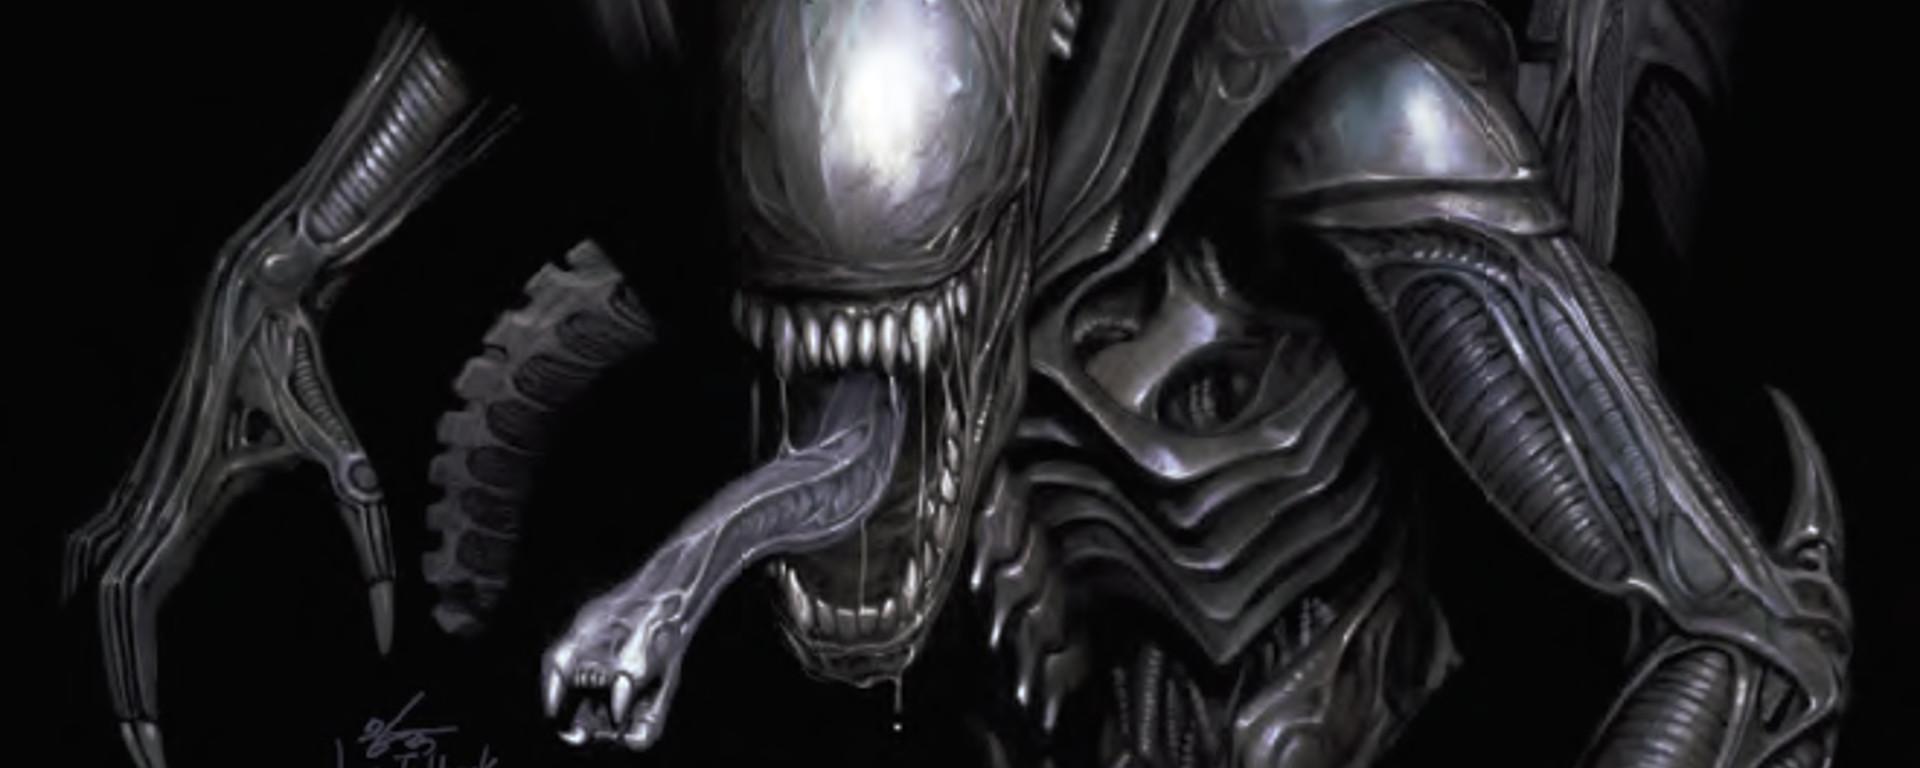 Alien #1 Header